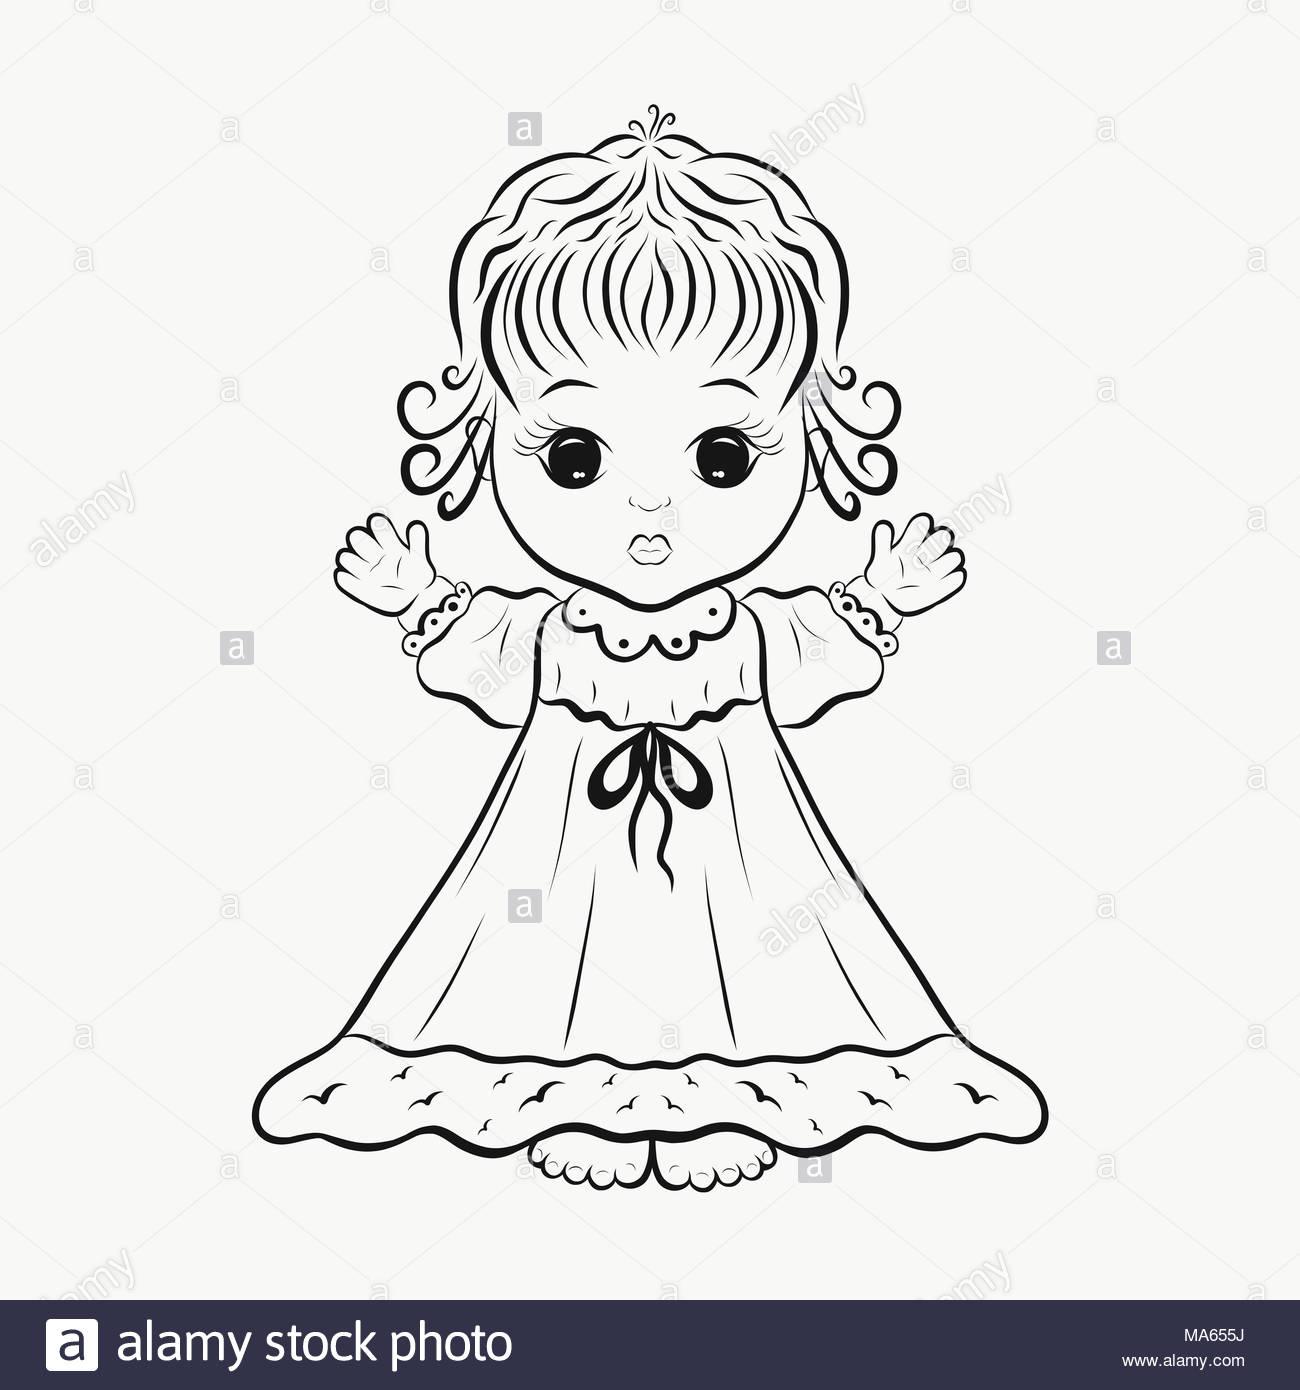 Schön Amerikanische Mädchen Puppe Malvorlagen Bilder - Malvorlagen ...